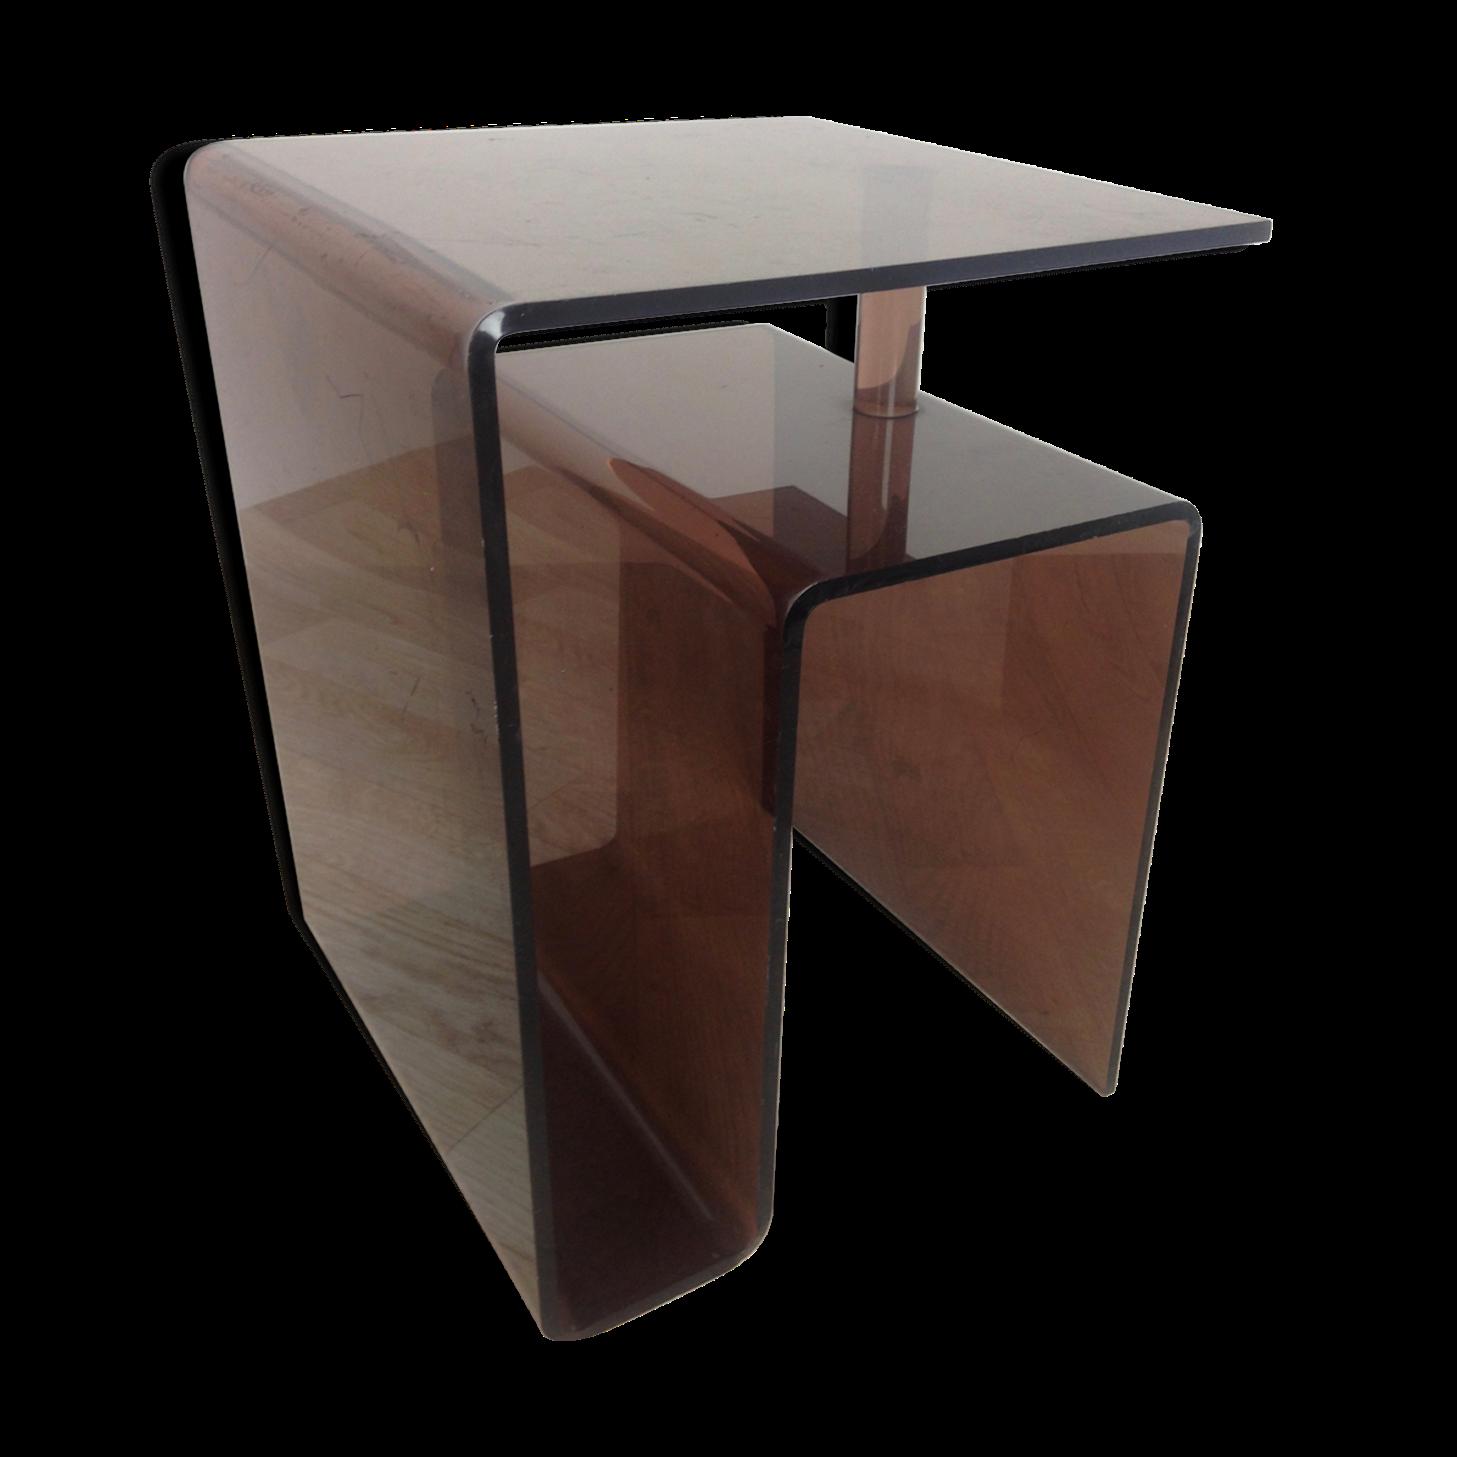 table chevet plexiglas amazing table de nuit plexiglas meuble dappoint carlo table chevet plexi. Black Bedroom Furniture Sets. Home Design Ideas